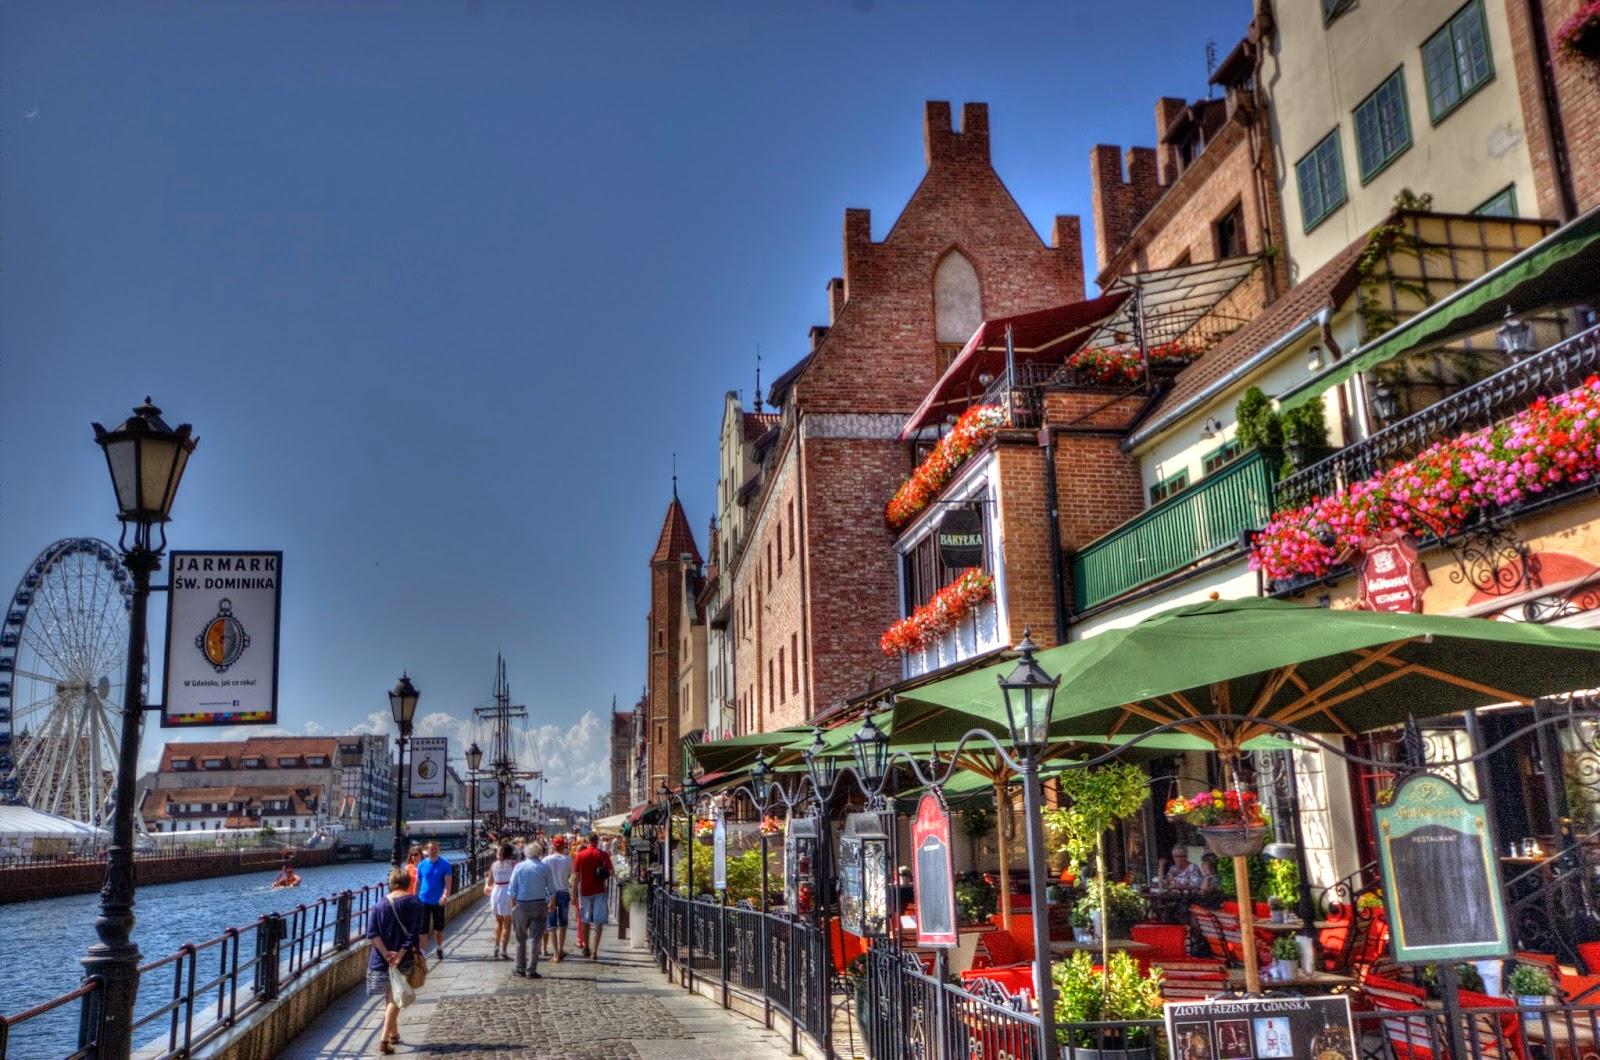 wybrzeże i promenada w Gdańsku wzdłuż portu